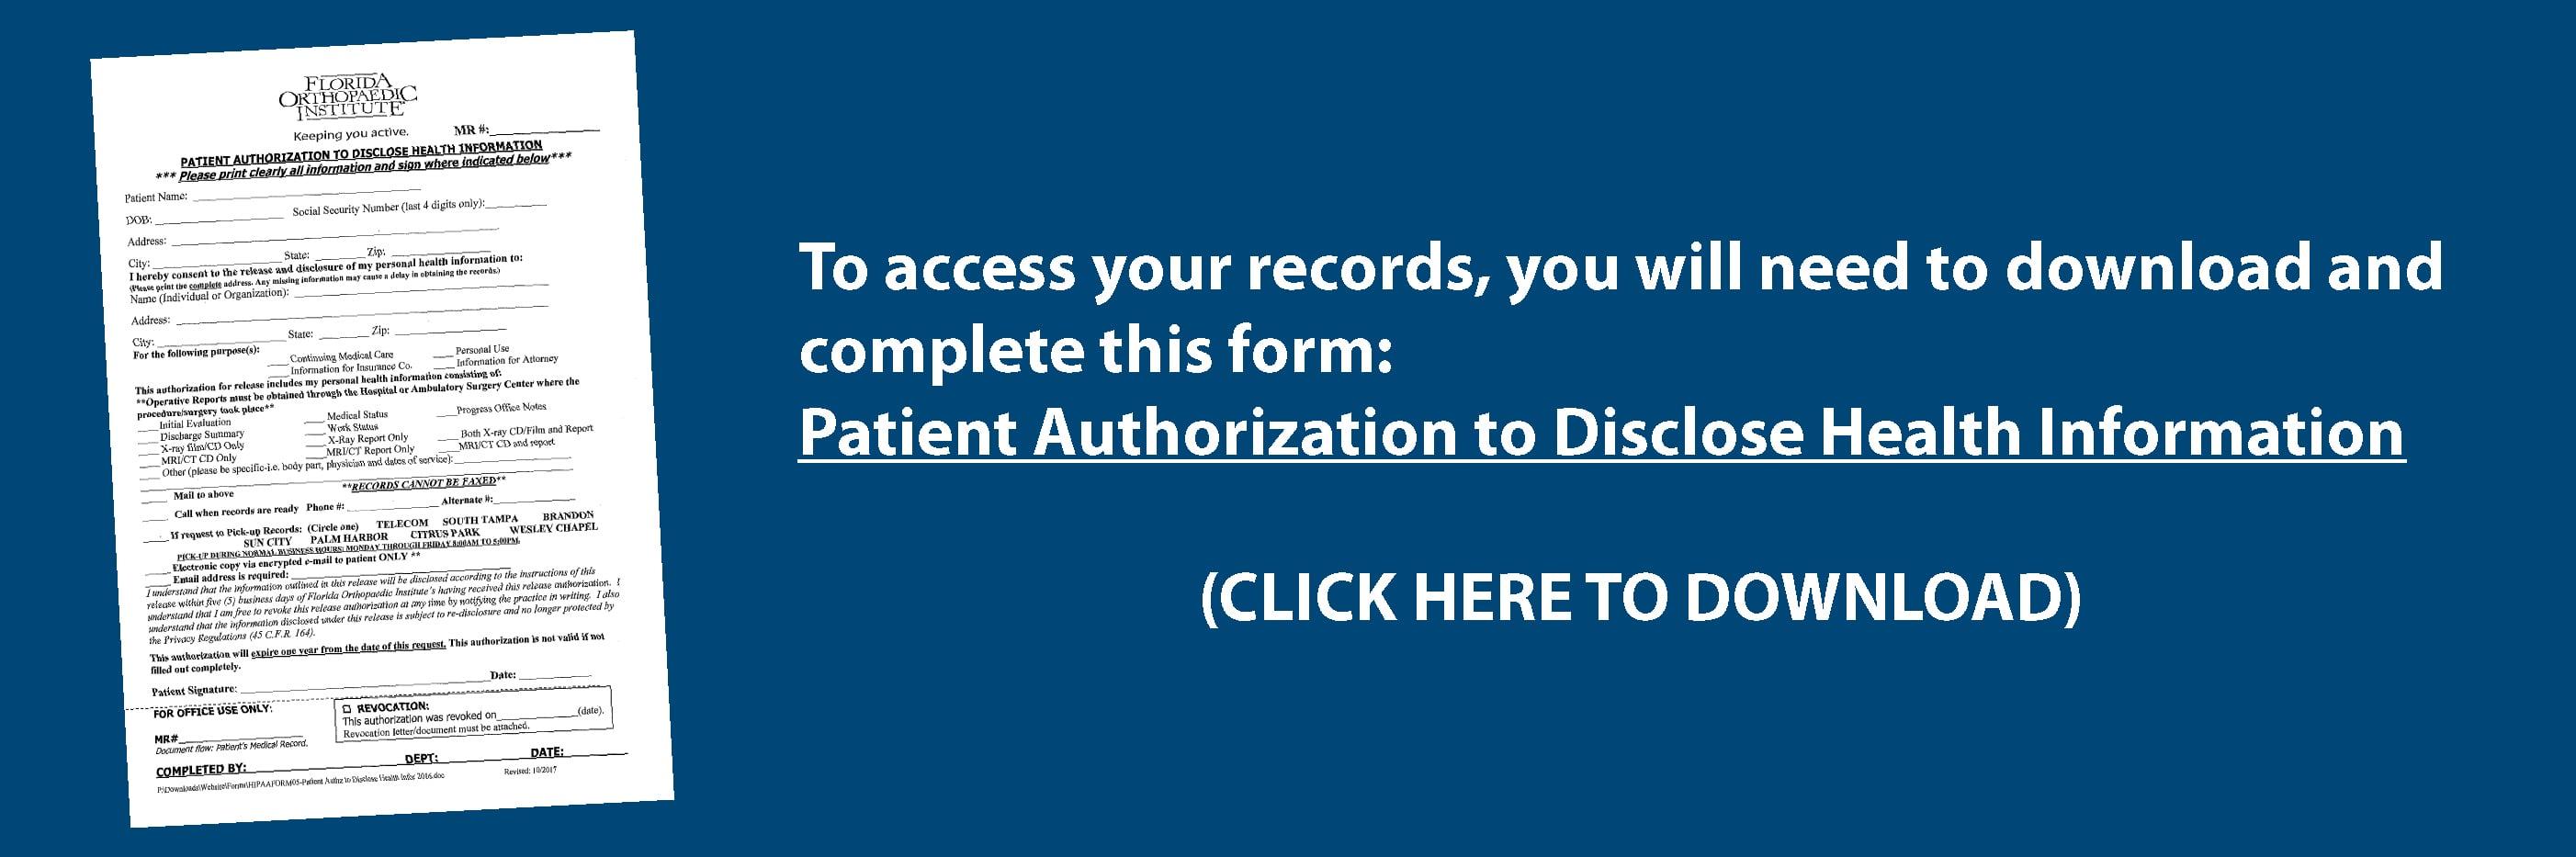 Medical Records | Florida Orthopaedic Institute